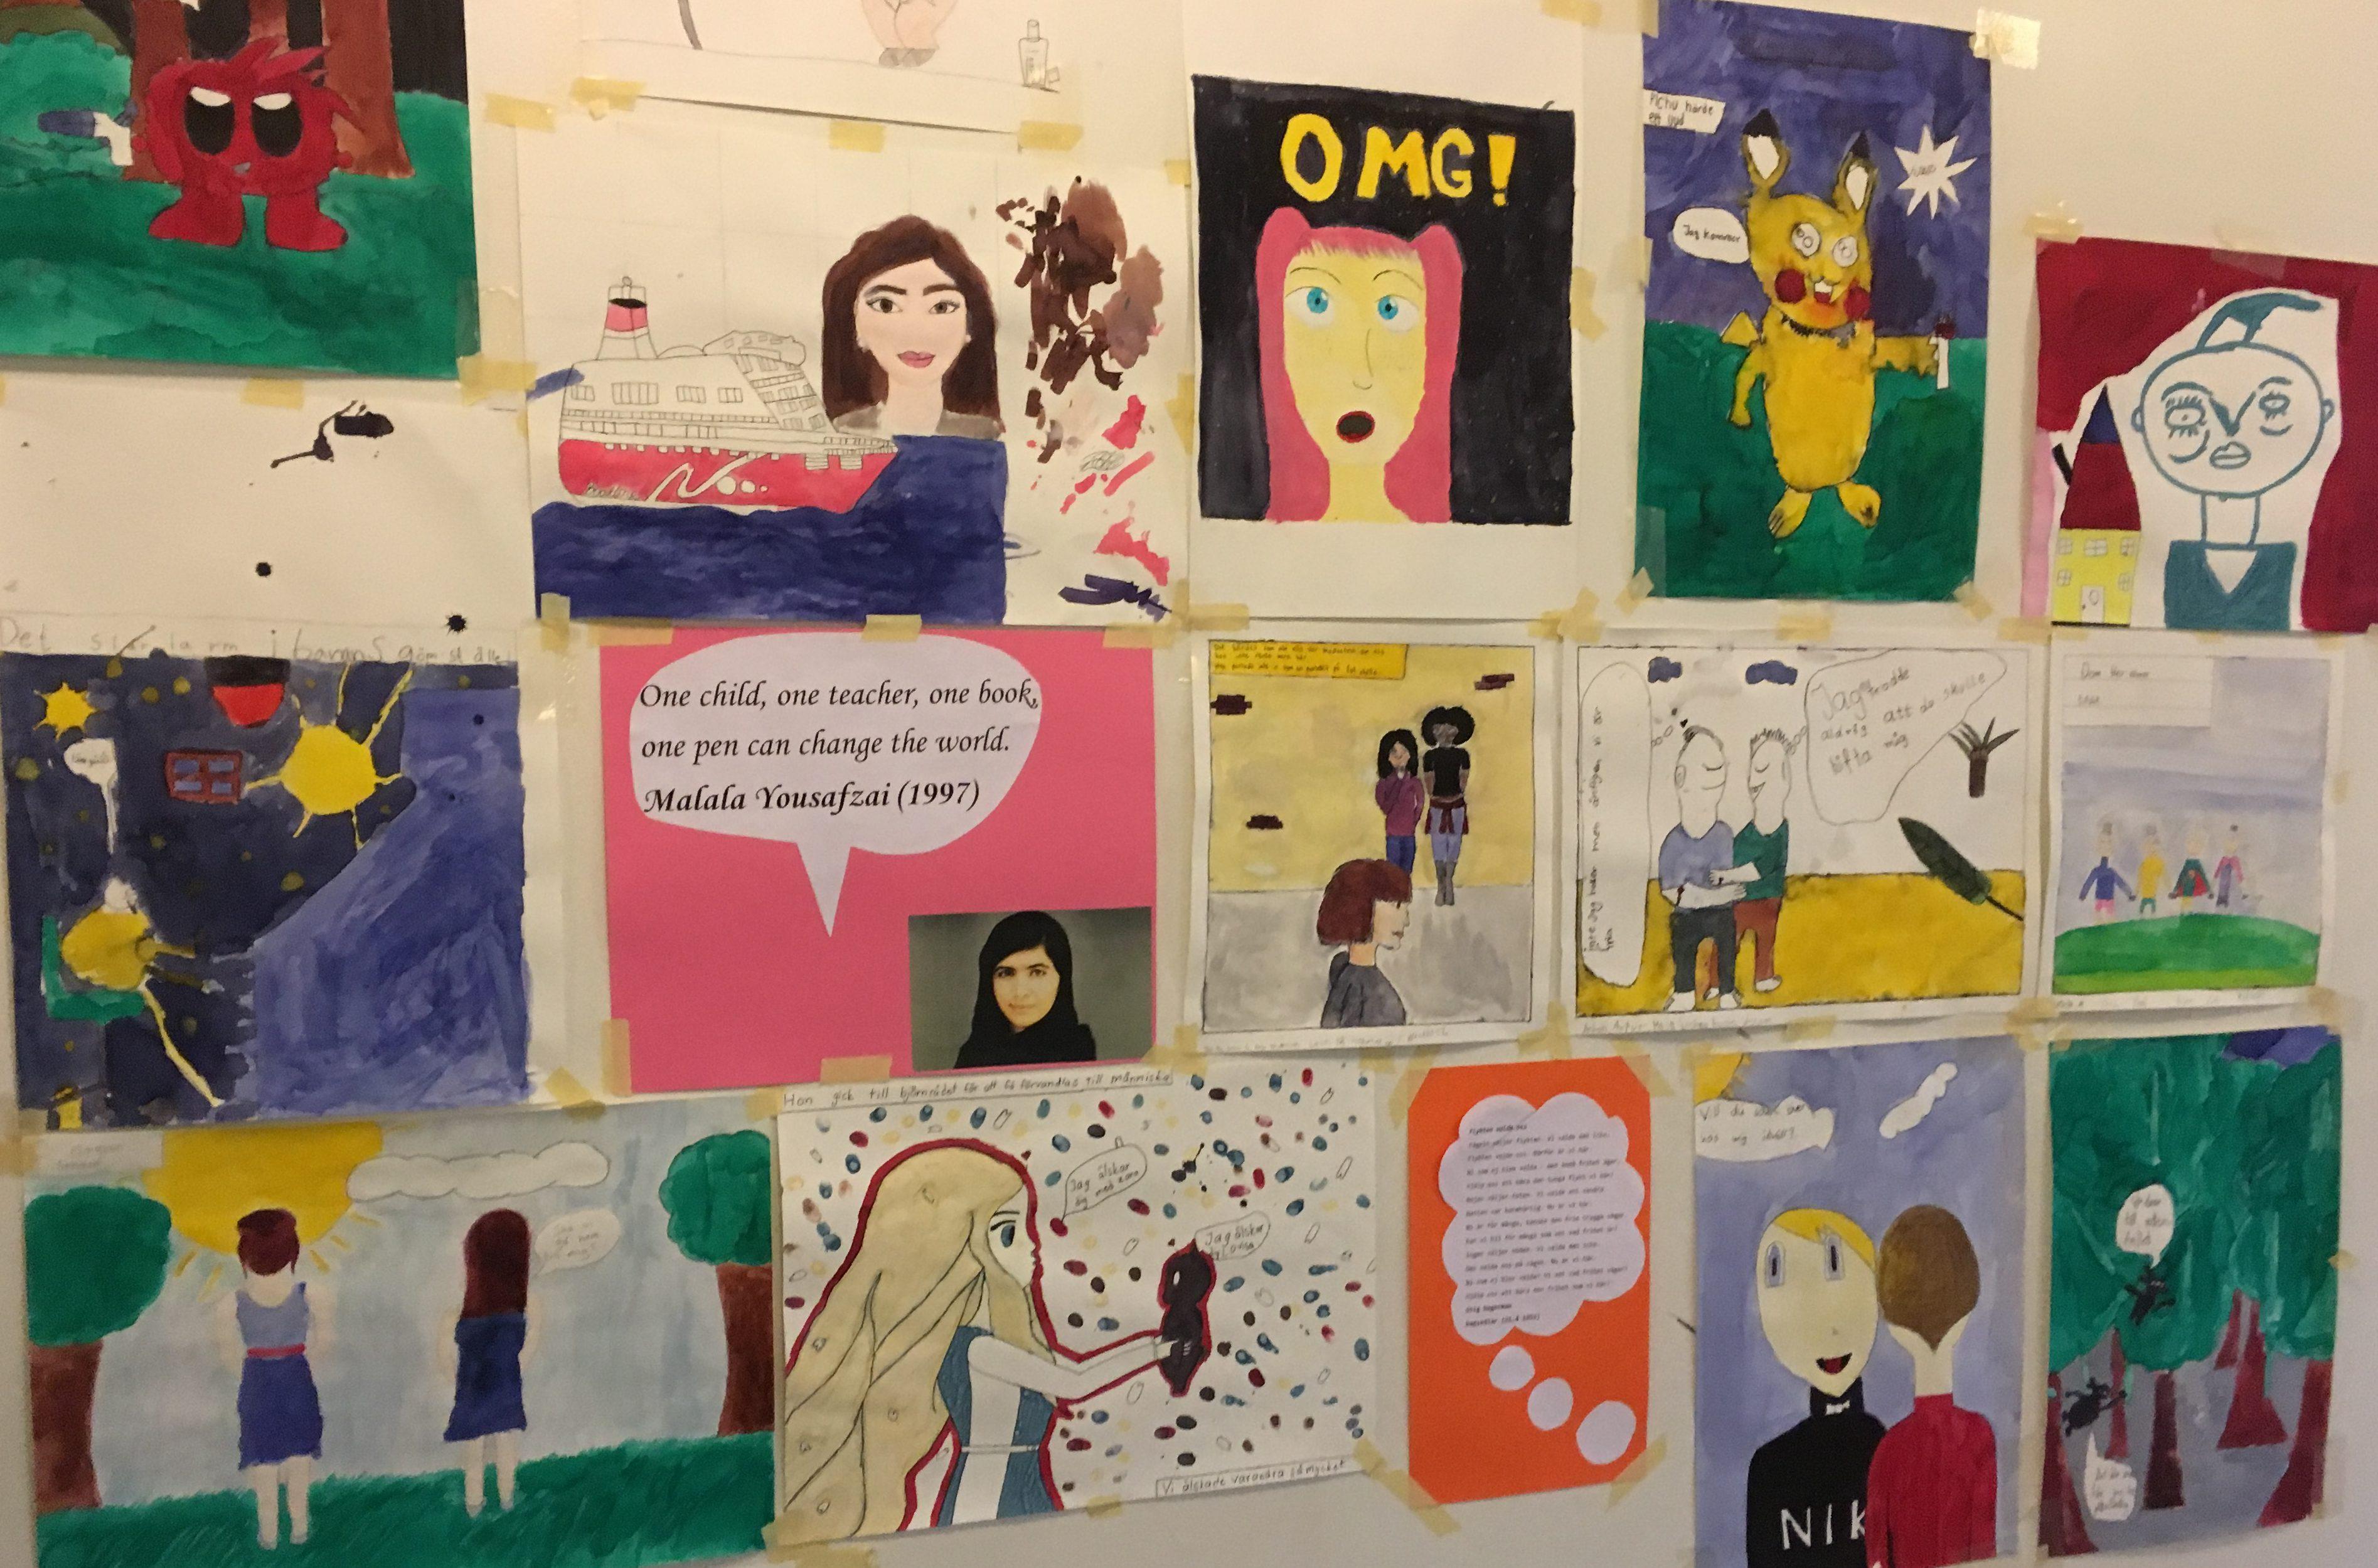 Teckningar uppsatta på vägg.